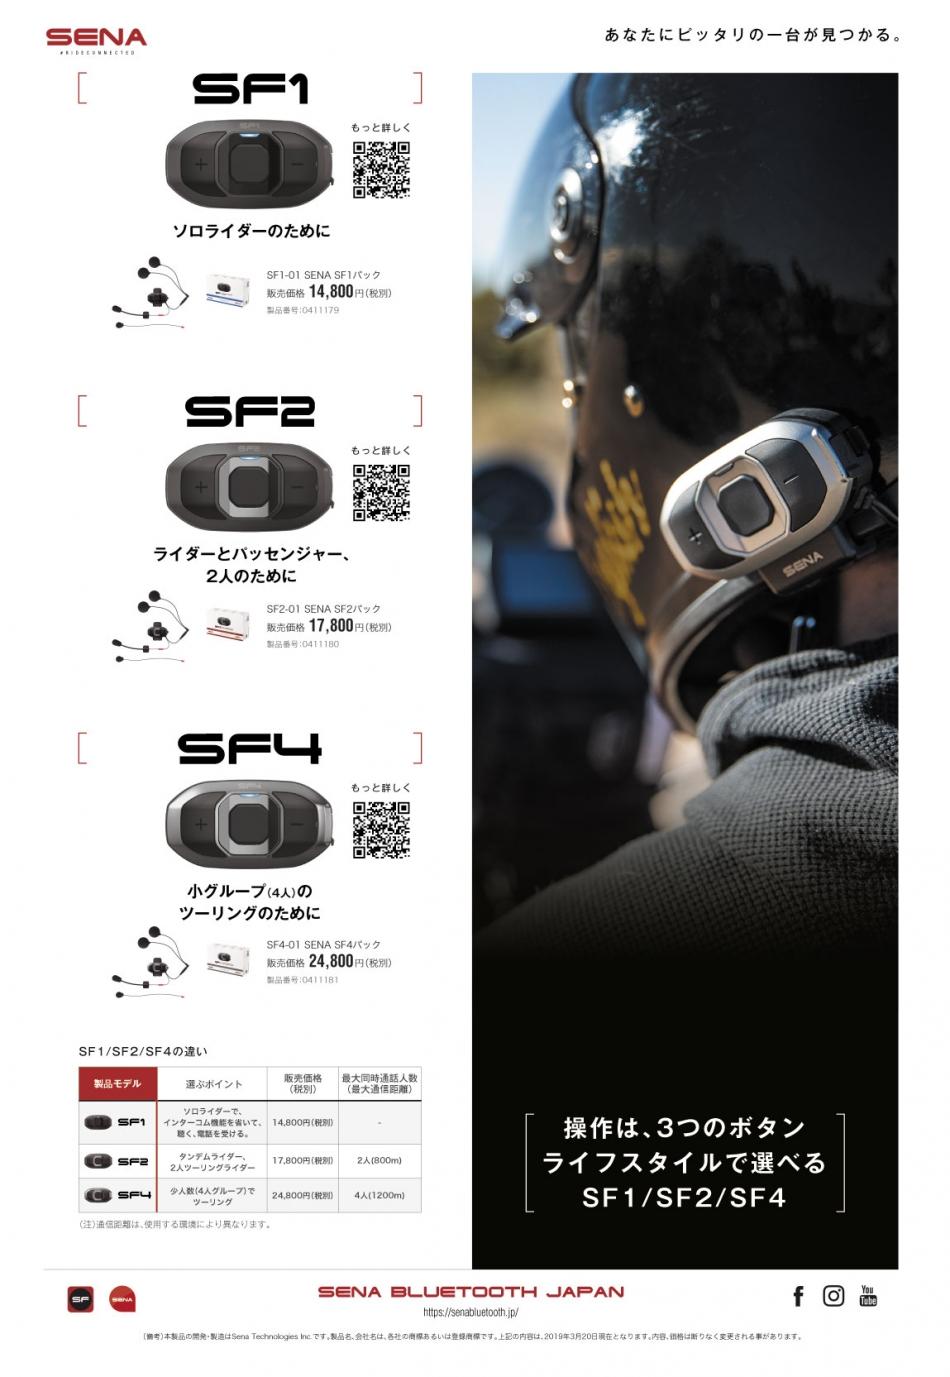 「操作は、3つのボタン。ライフスタイルで選べるSF1/SF2/SF4」